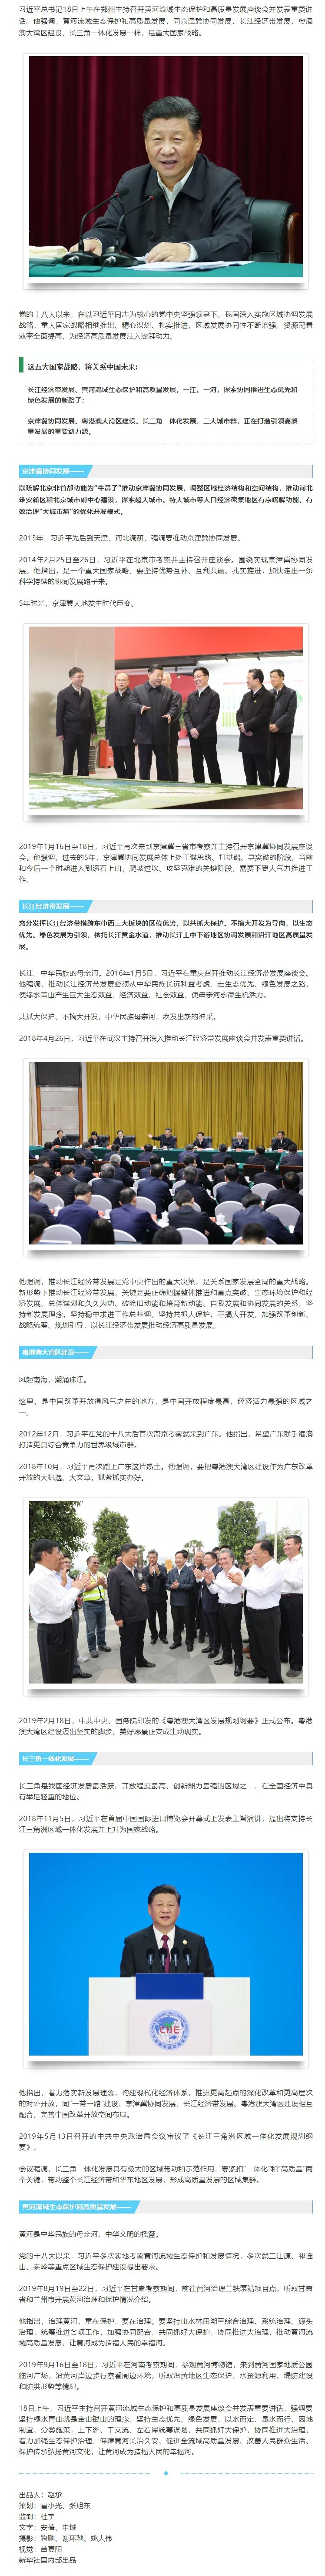 图文故事 | 习总书记提到的五大国家战略关系中国未来